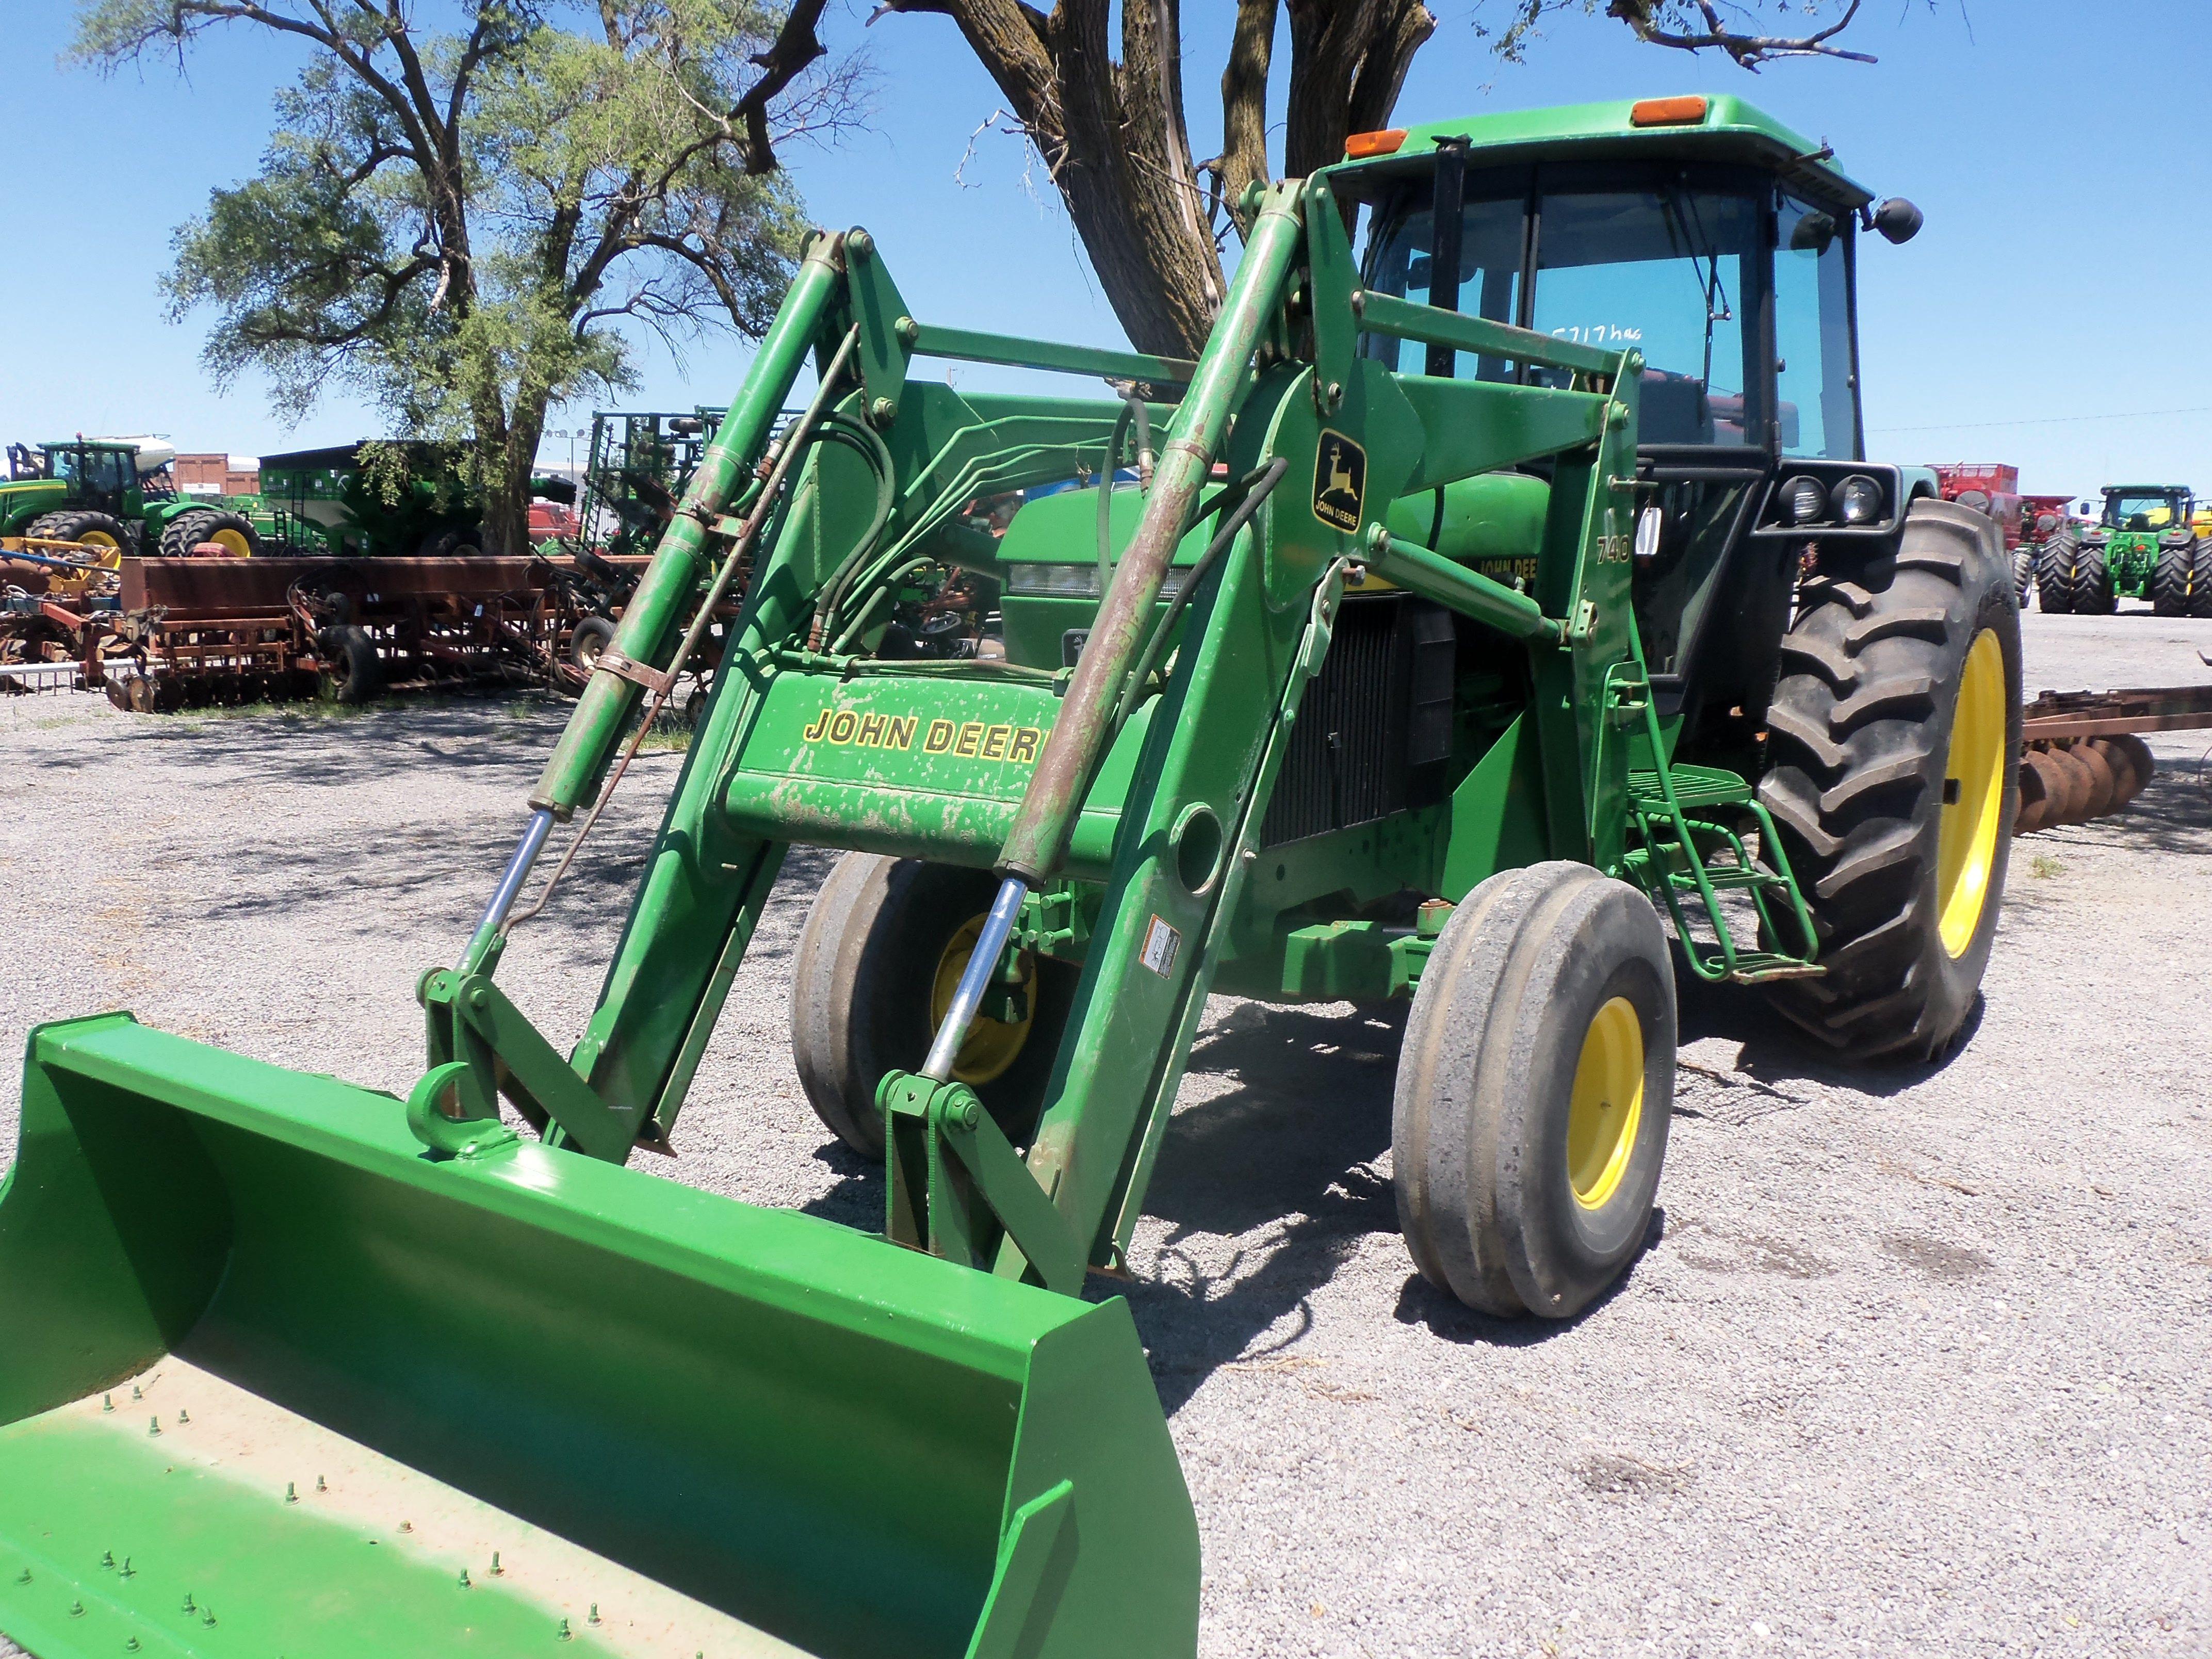 John Deere 740 Tractor : Hp john deere with loader this tractor was